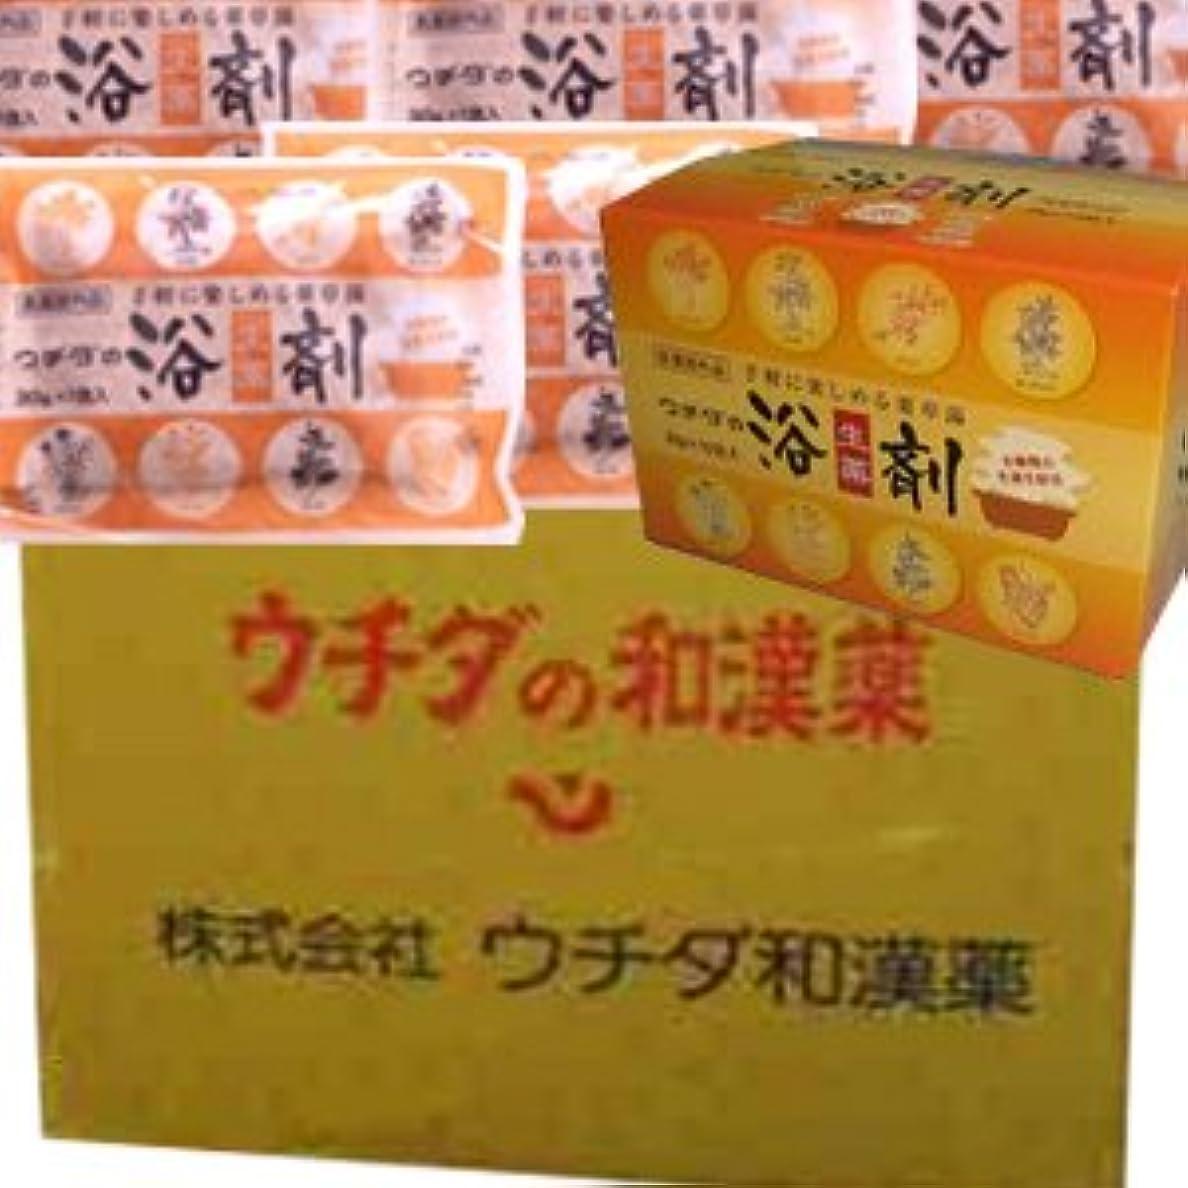 演じる甘美な効率的【12個1ケース】 ウチダの浴剤 30g×10袋入×12個+6袋 (4987359400025)